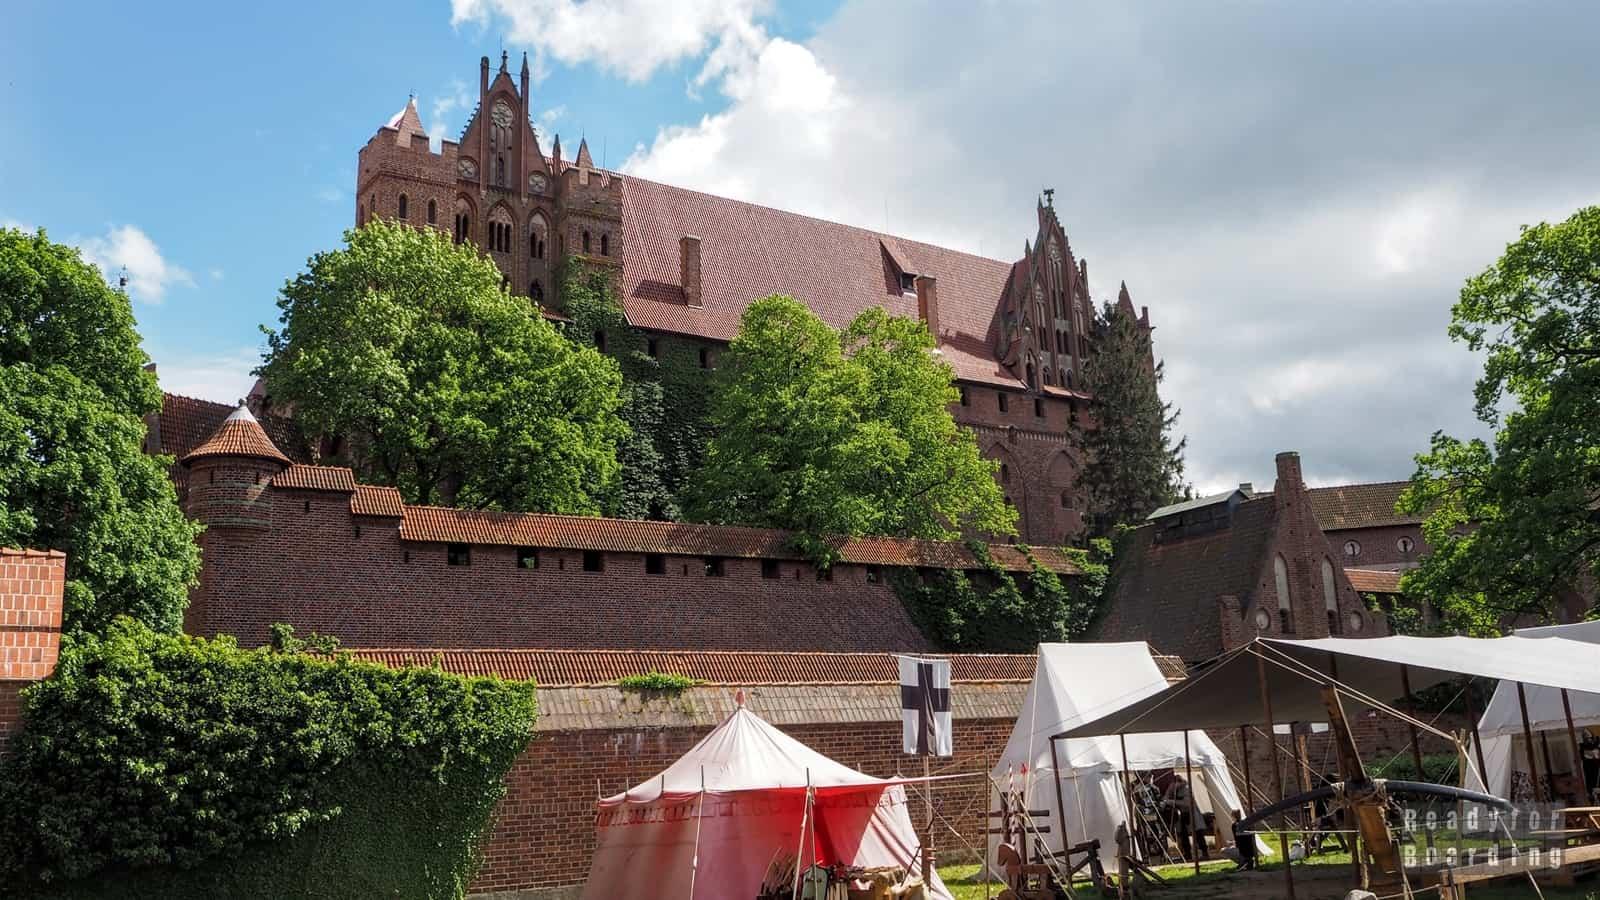 Zamek w Malborku (galeria zdjęć)